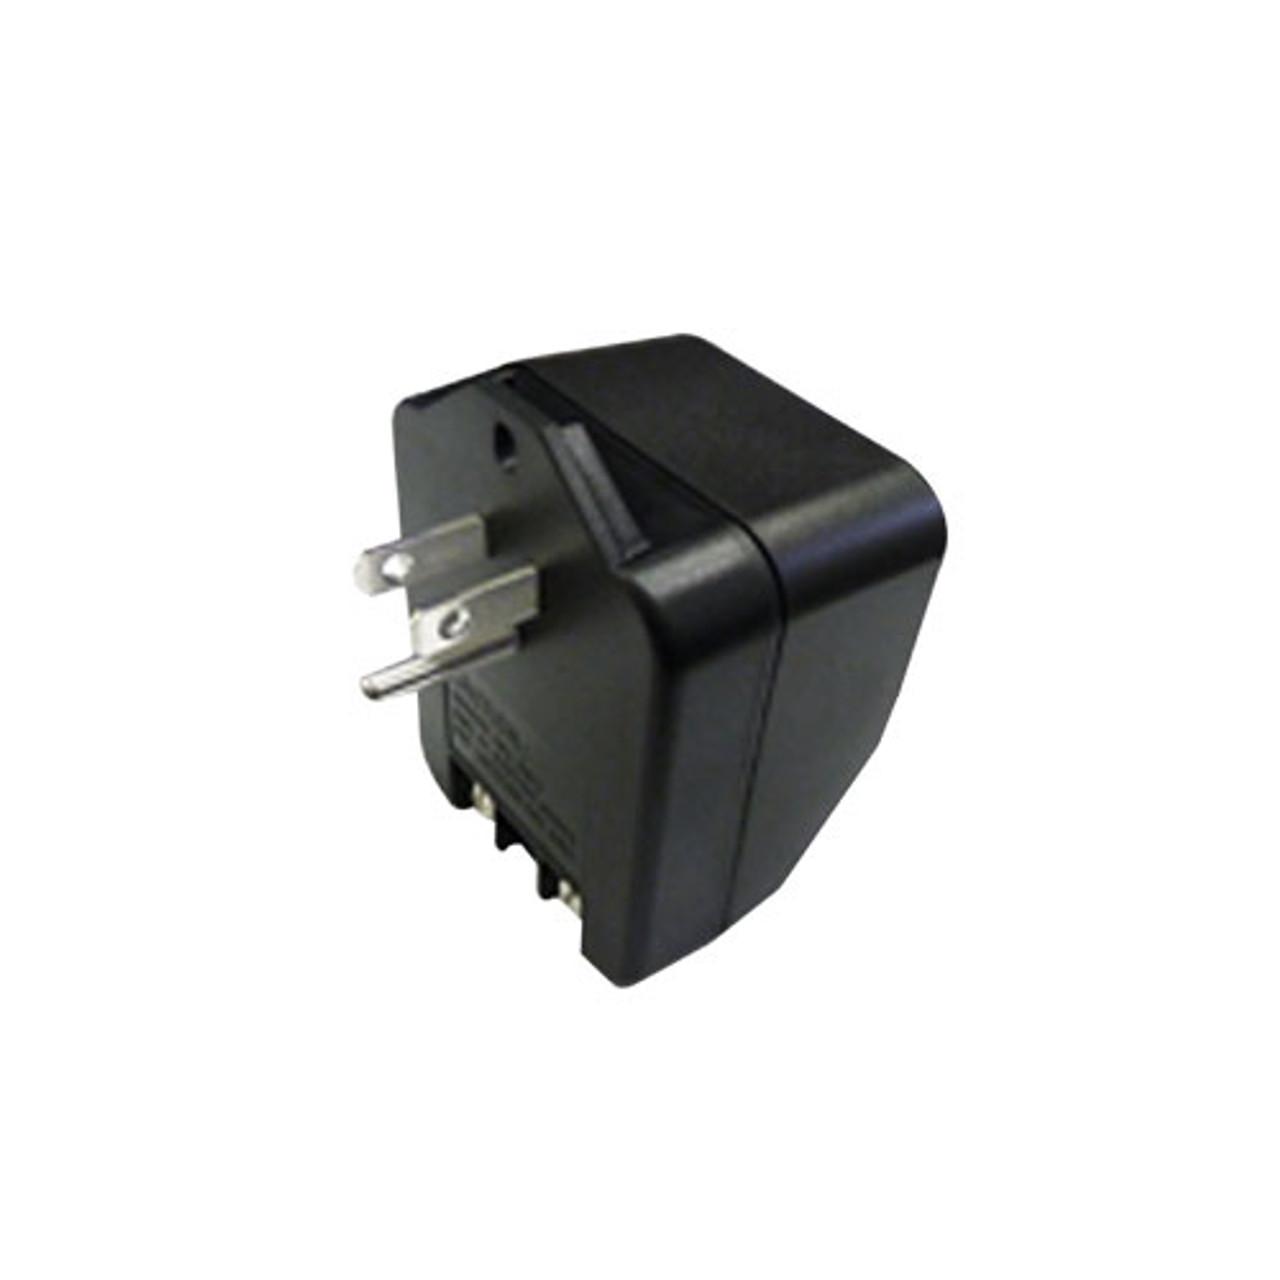 5201 Trine Plug in Type AC Transformer